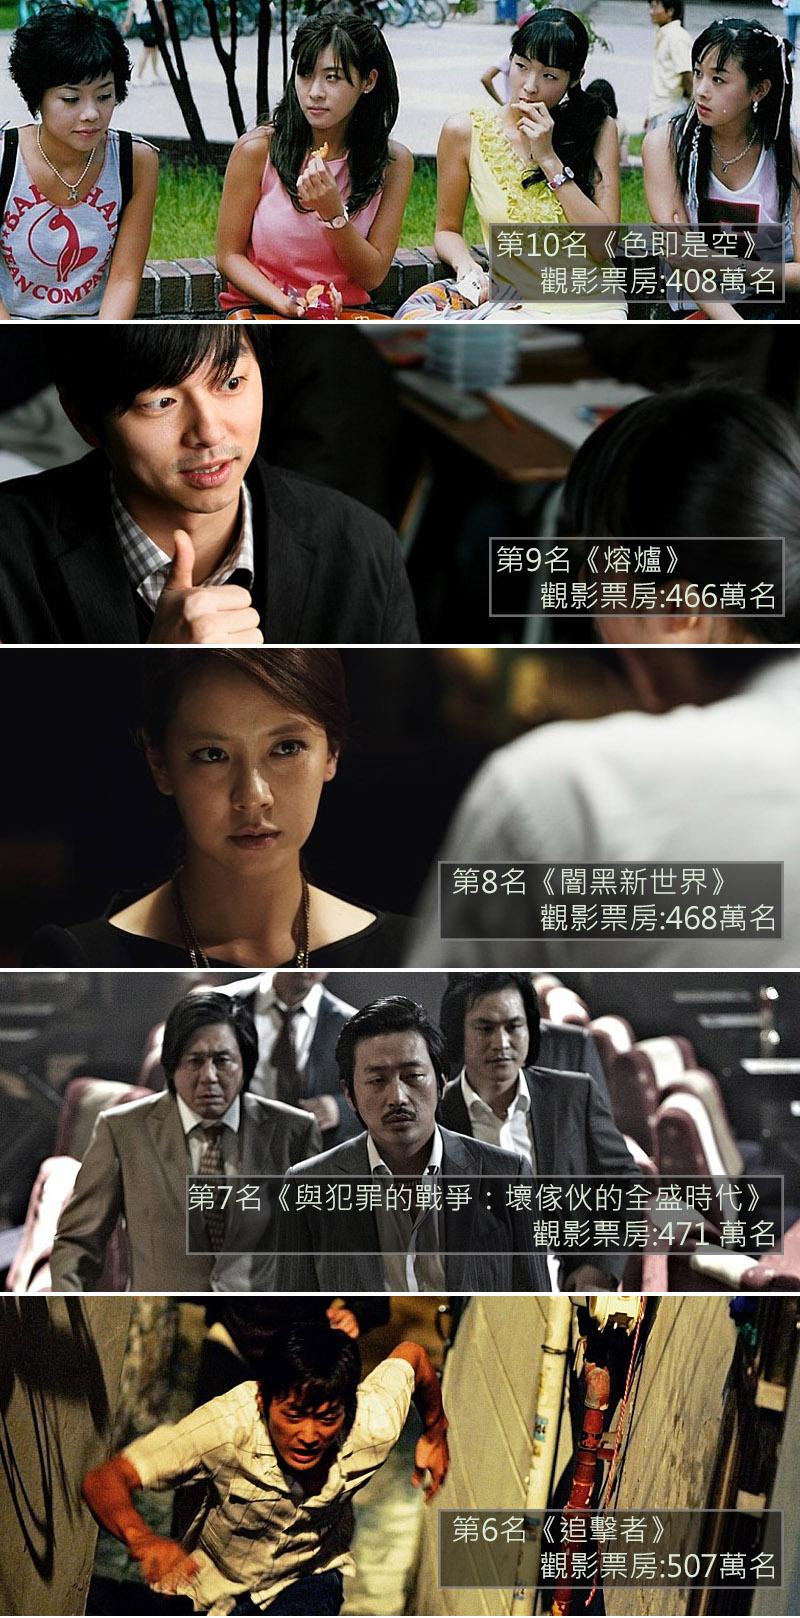 第6-10名中,小編特別推薦《熔爐》,由孔劉及鄭有美主演,改編自同名小說,小說也是以韓國真人真事為藍本。